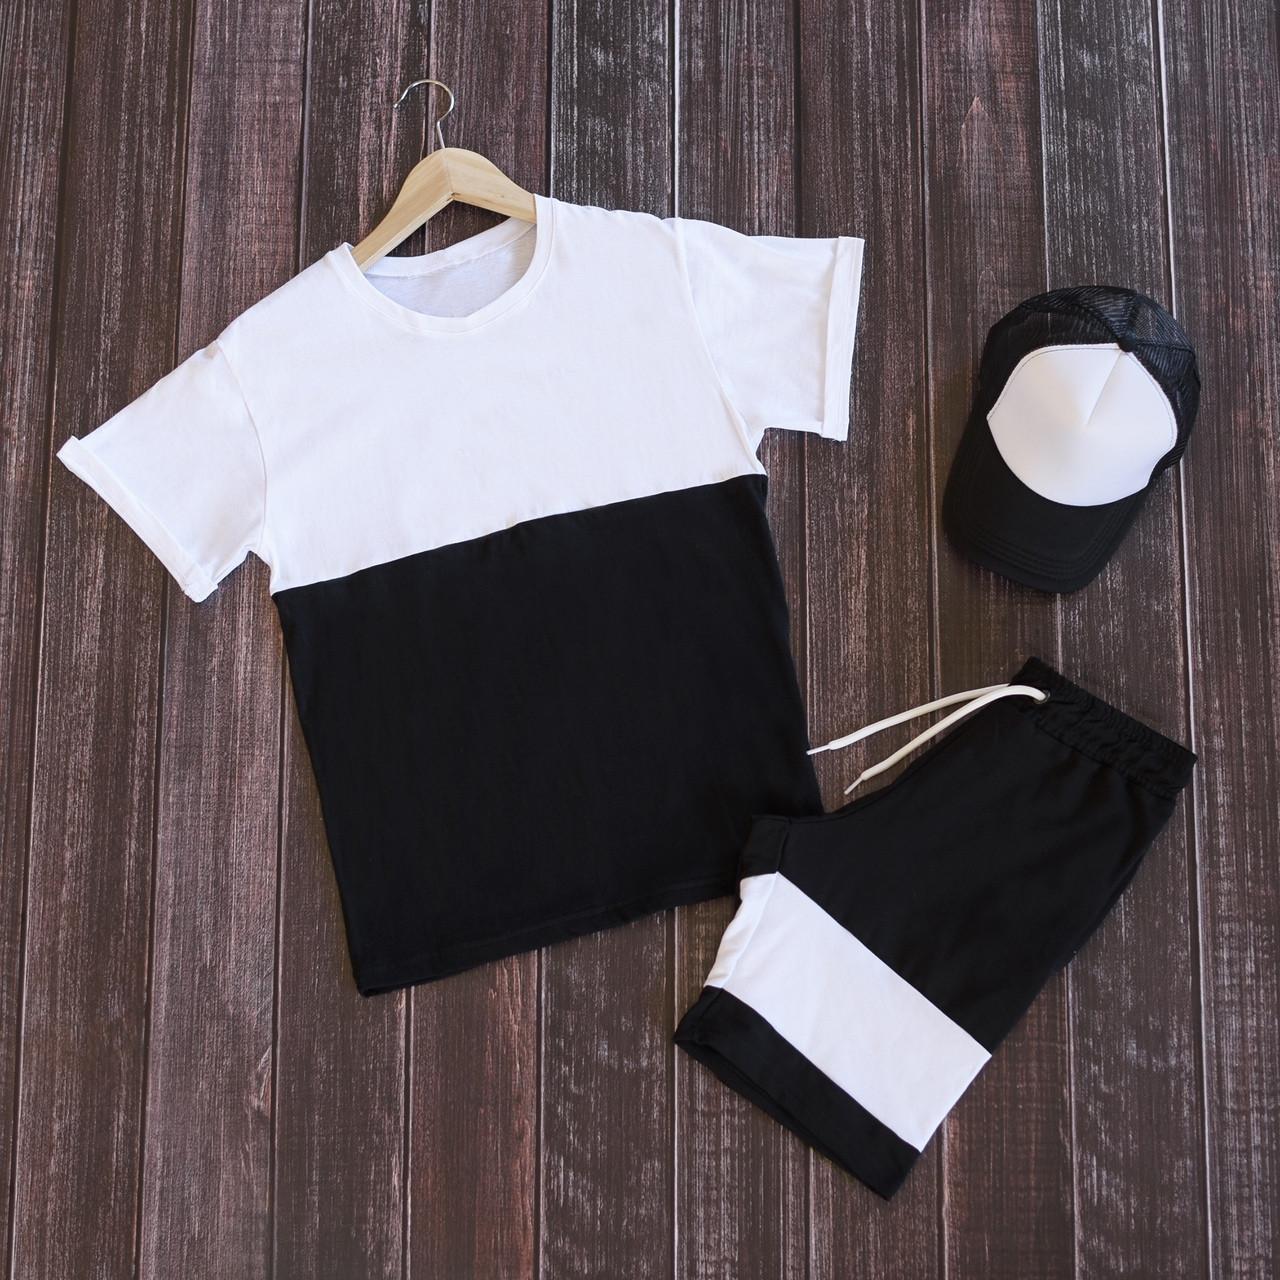 Чоловічий літній чорно-білий спортивний костюм. Футболка чорно-біла + шорти чорно-білі + кепка в ПОДАРУНОК!!!